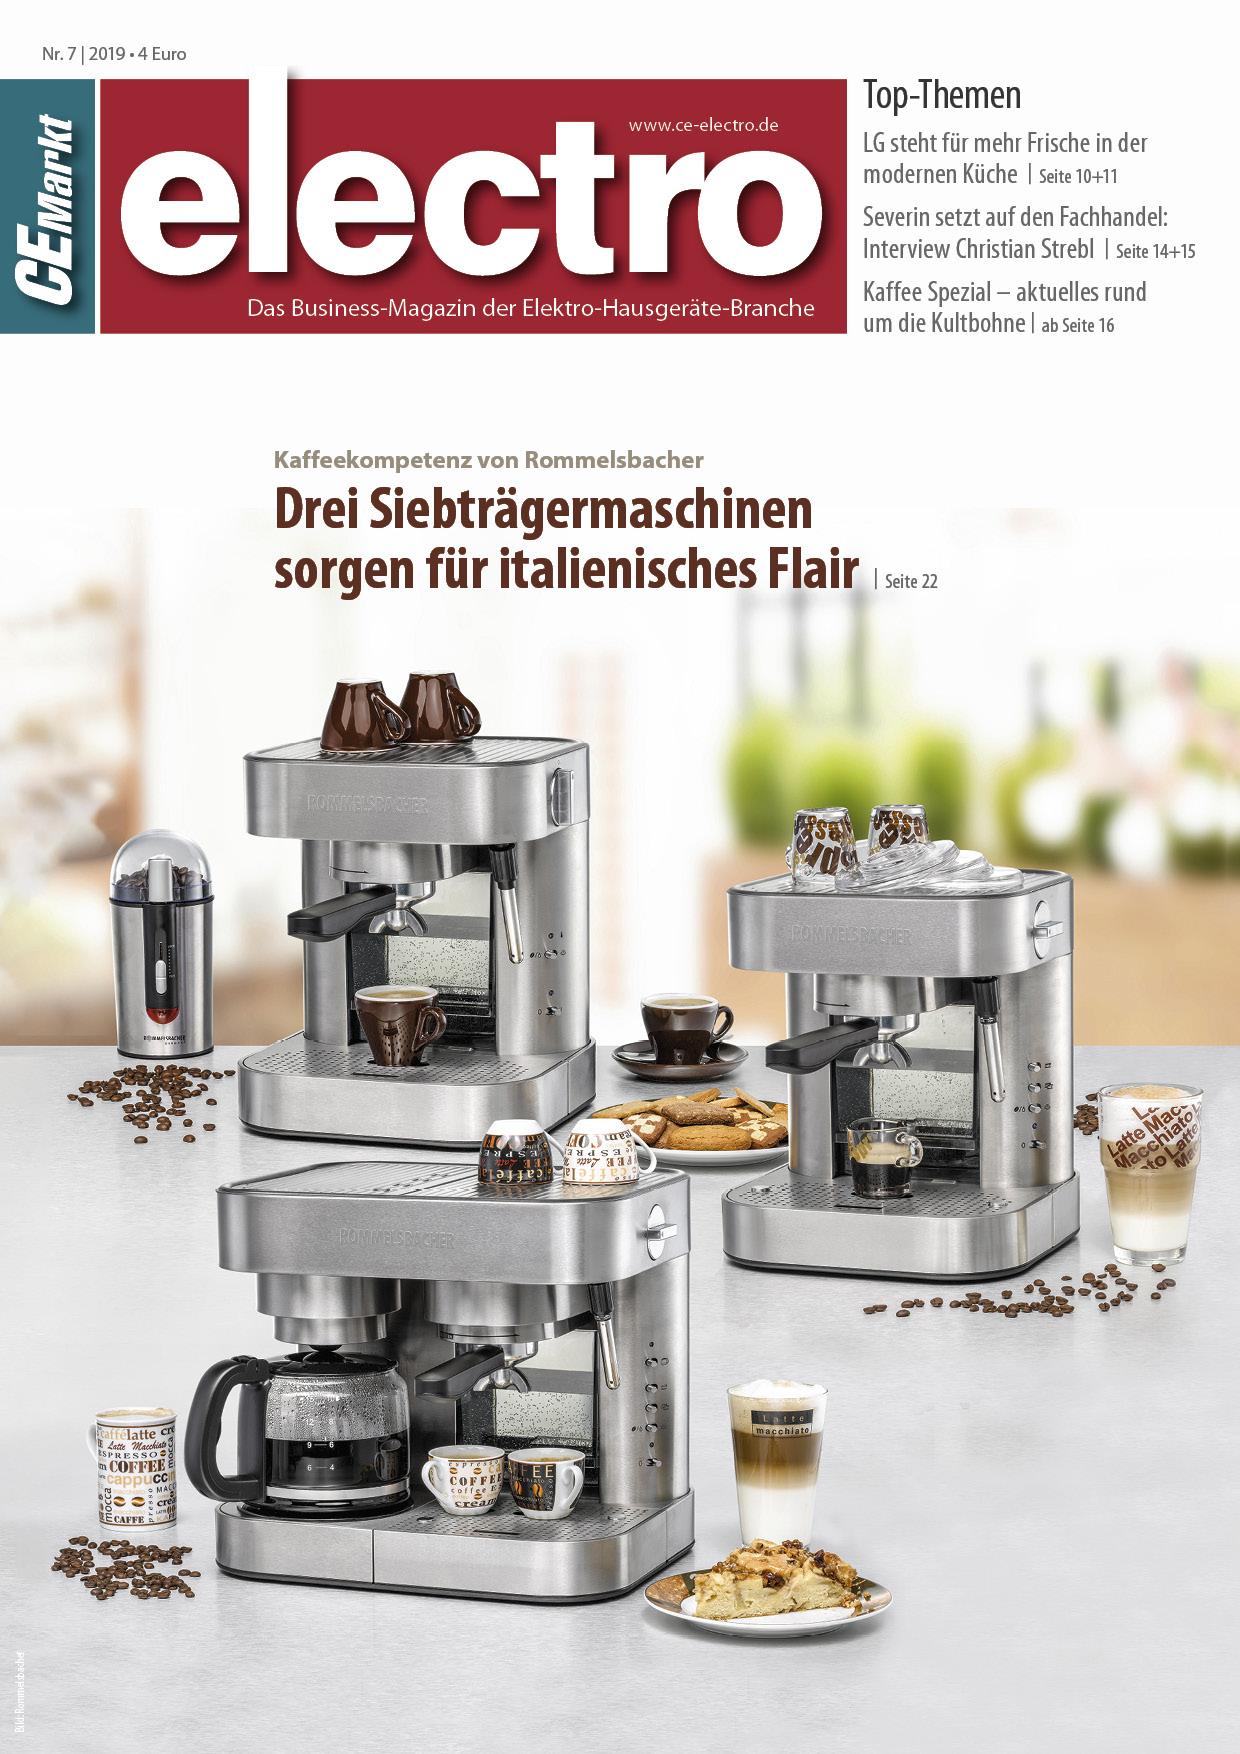 CE-Markt electro Titelseite des Hefts 7/2019.